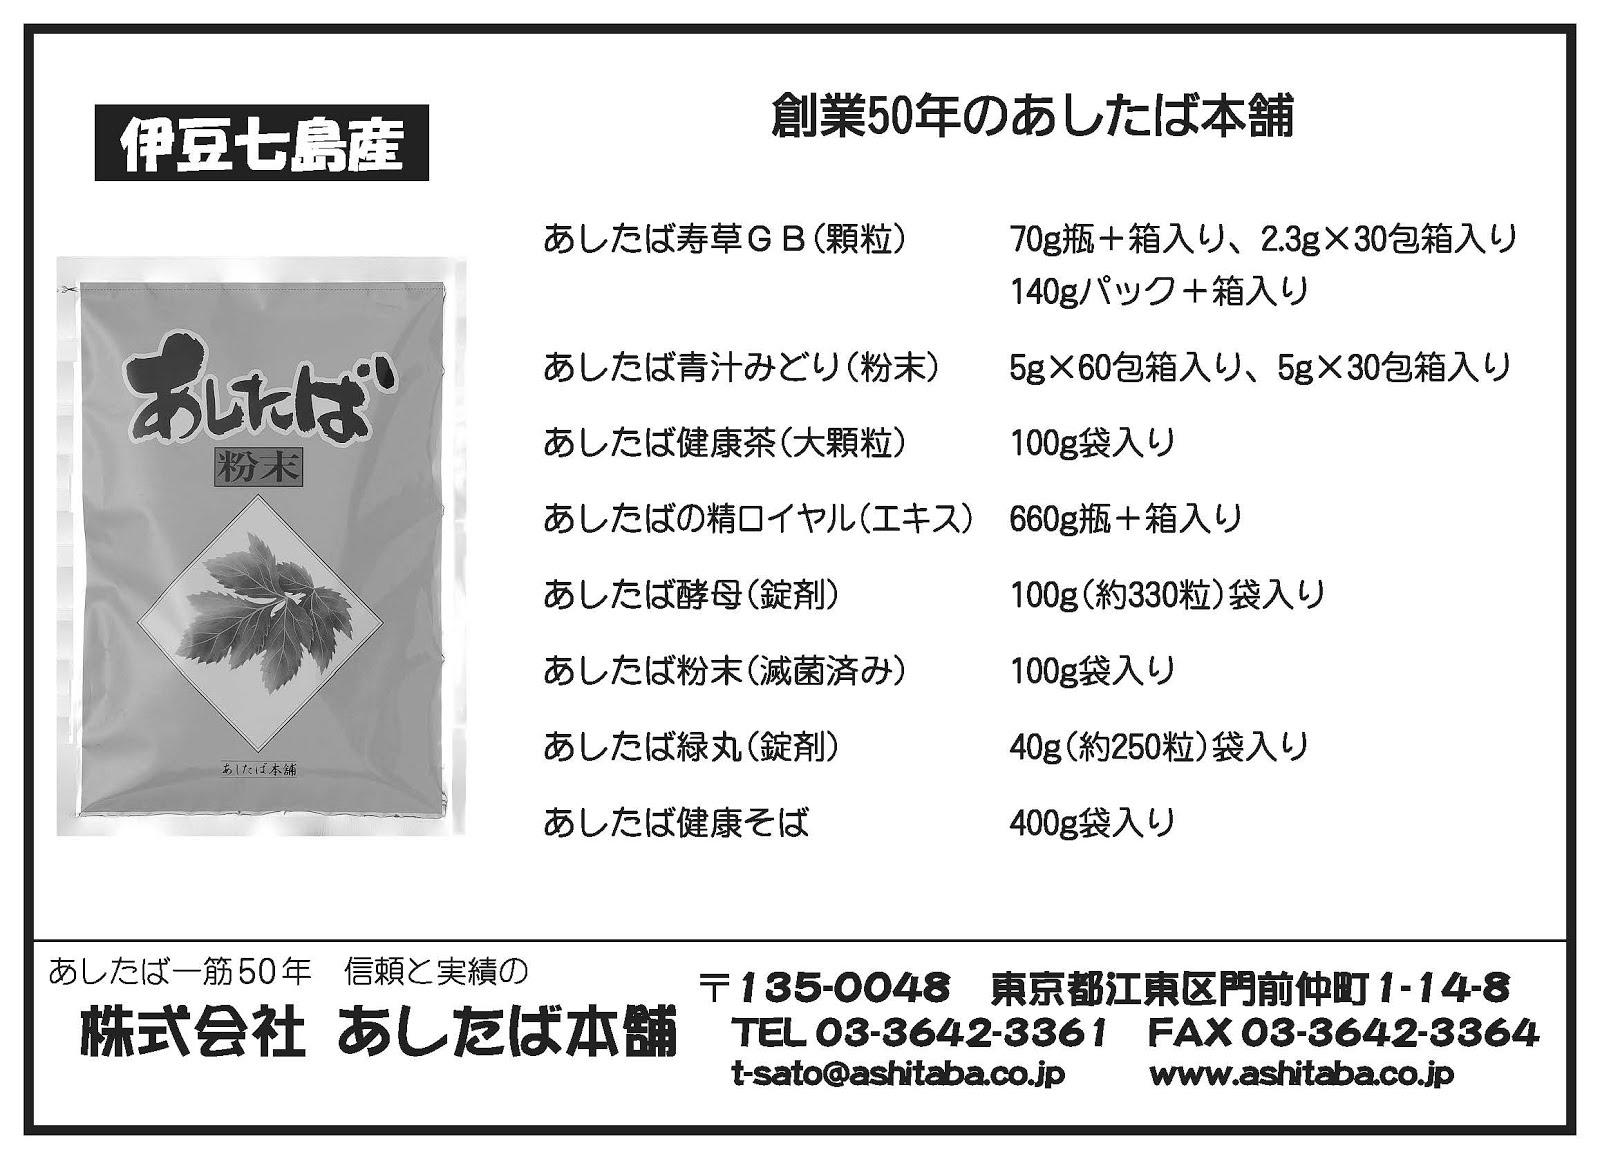 ㈱あしたば本舗広告